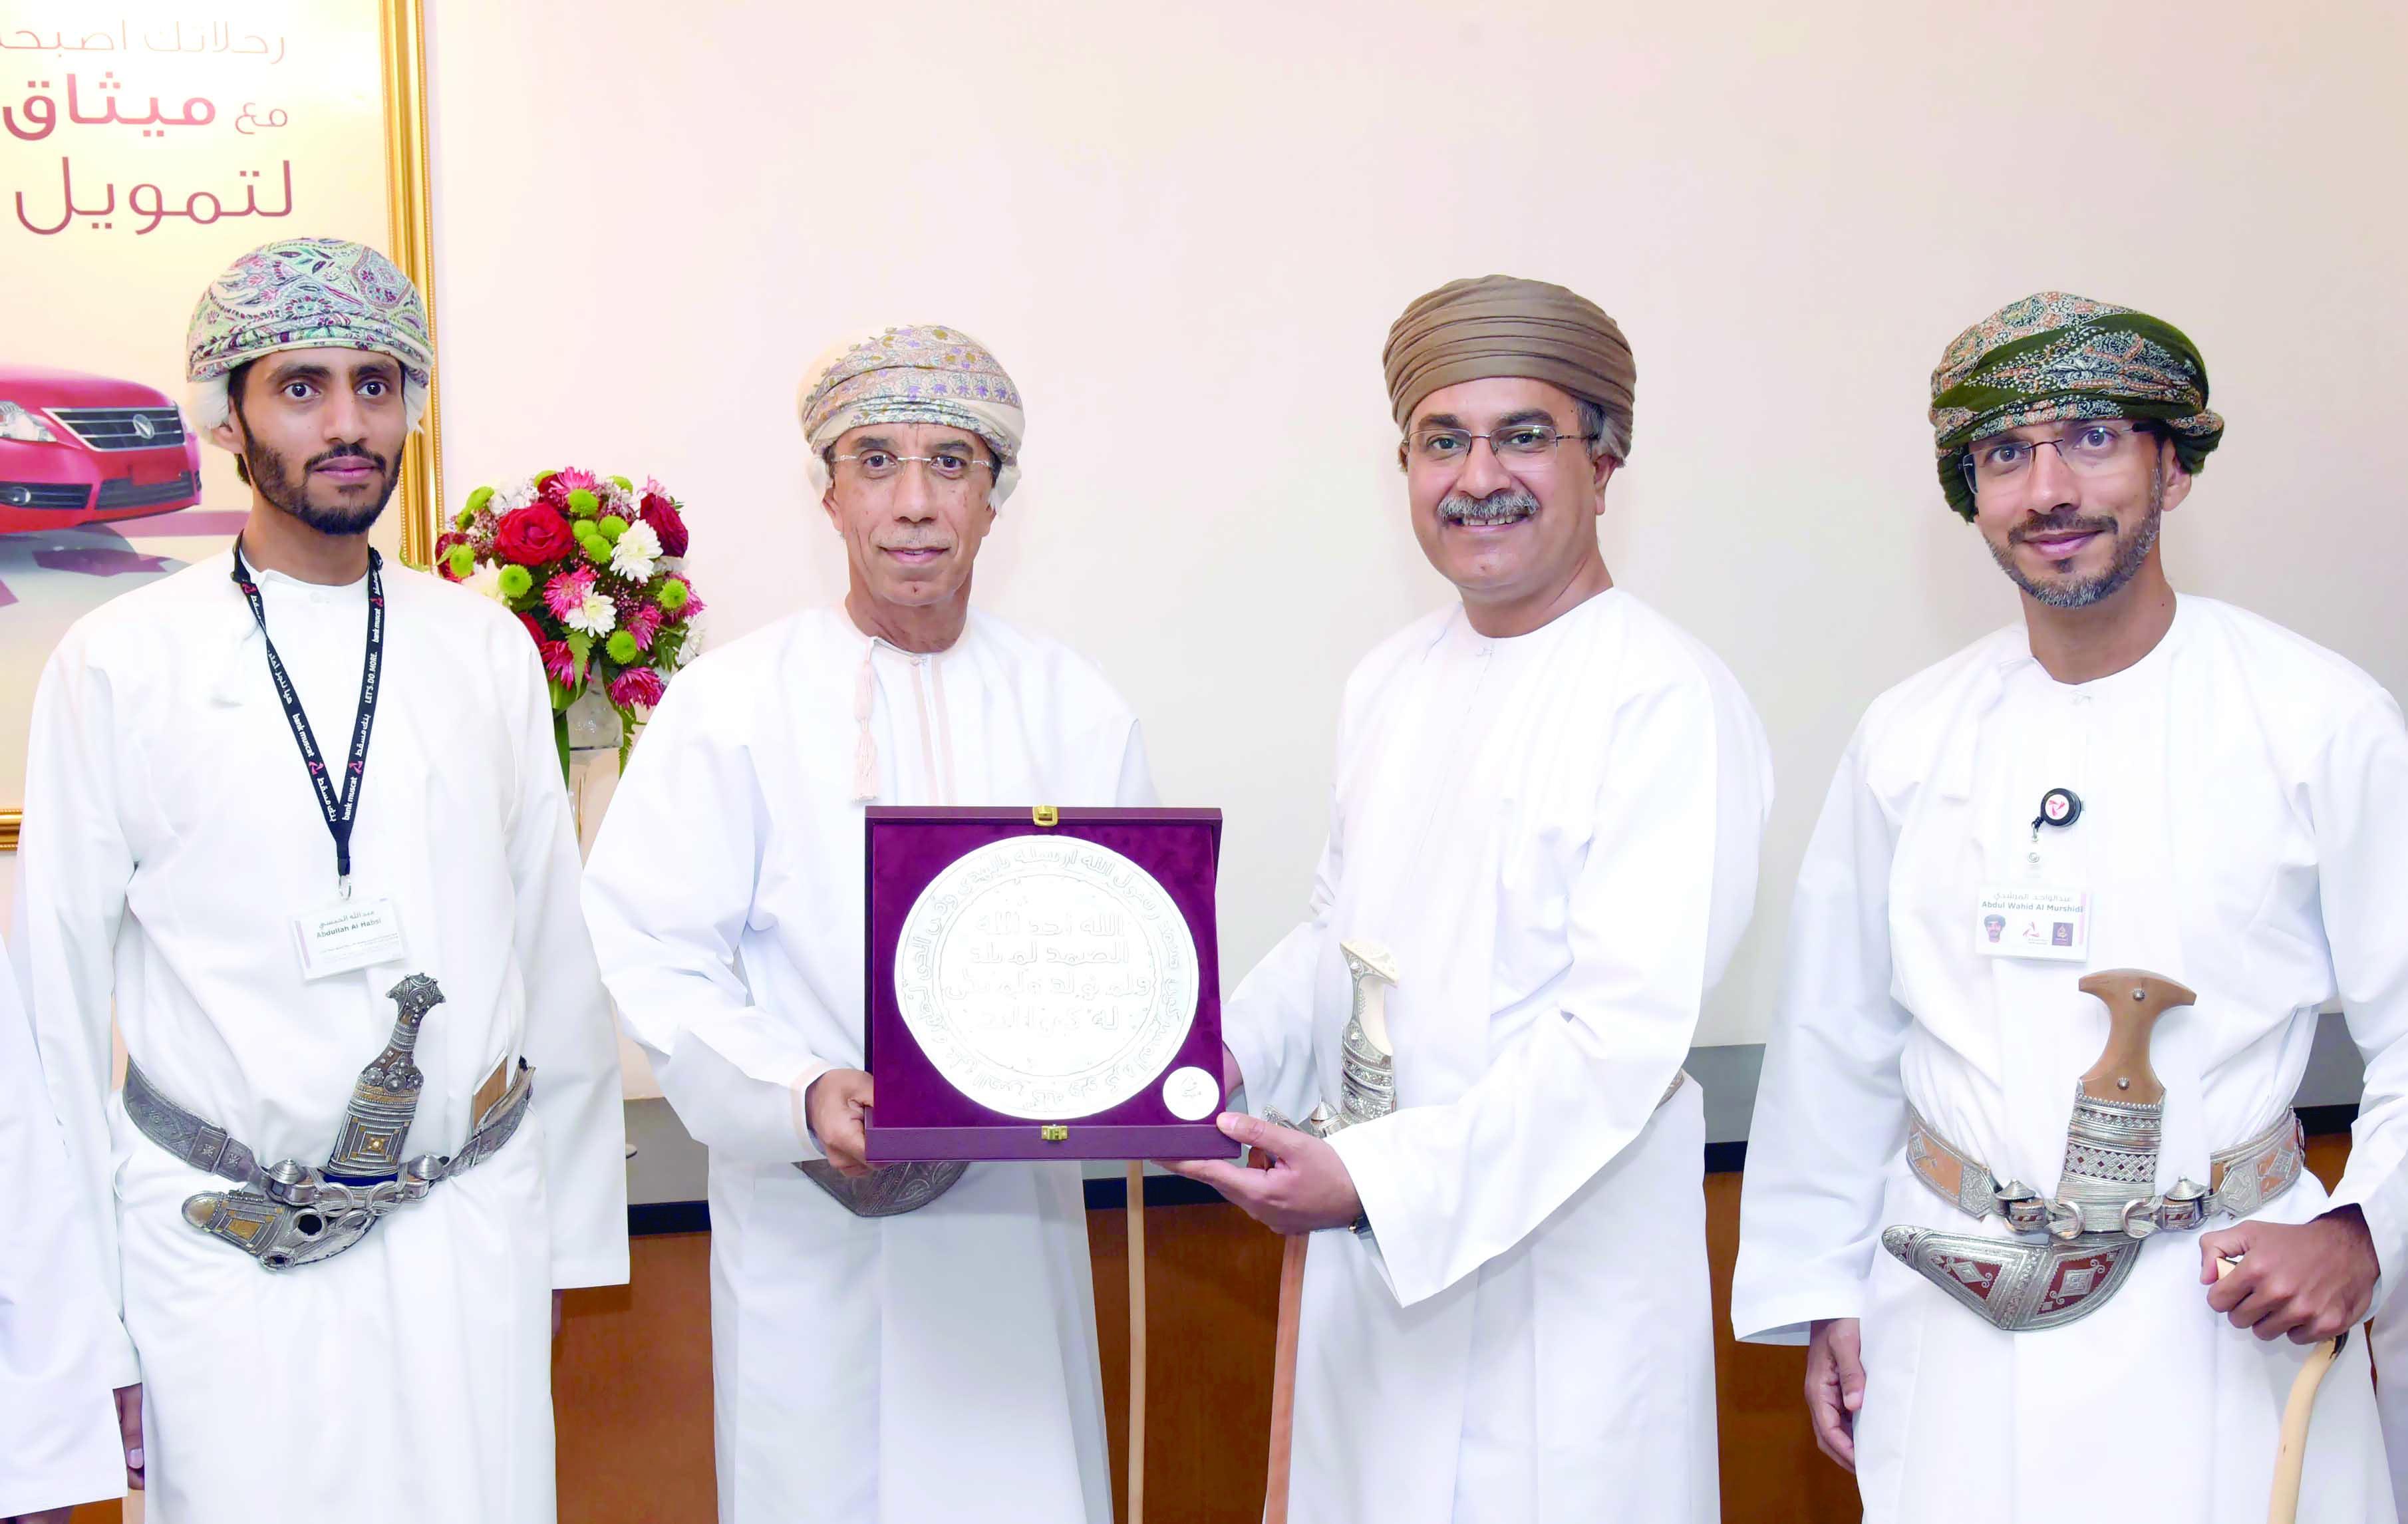 ميثاق للصيرفة الإسلامية يحتفل رسمياً بافتتاح فرع  الغبرة